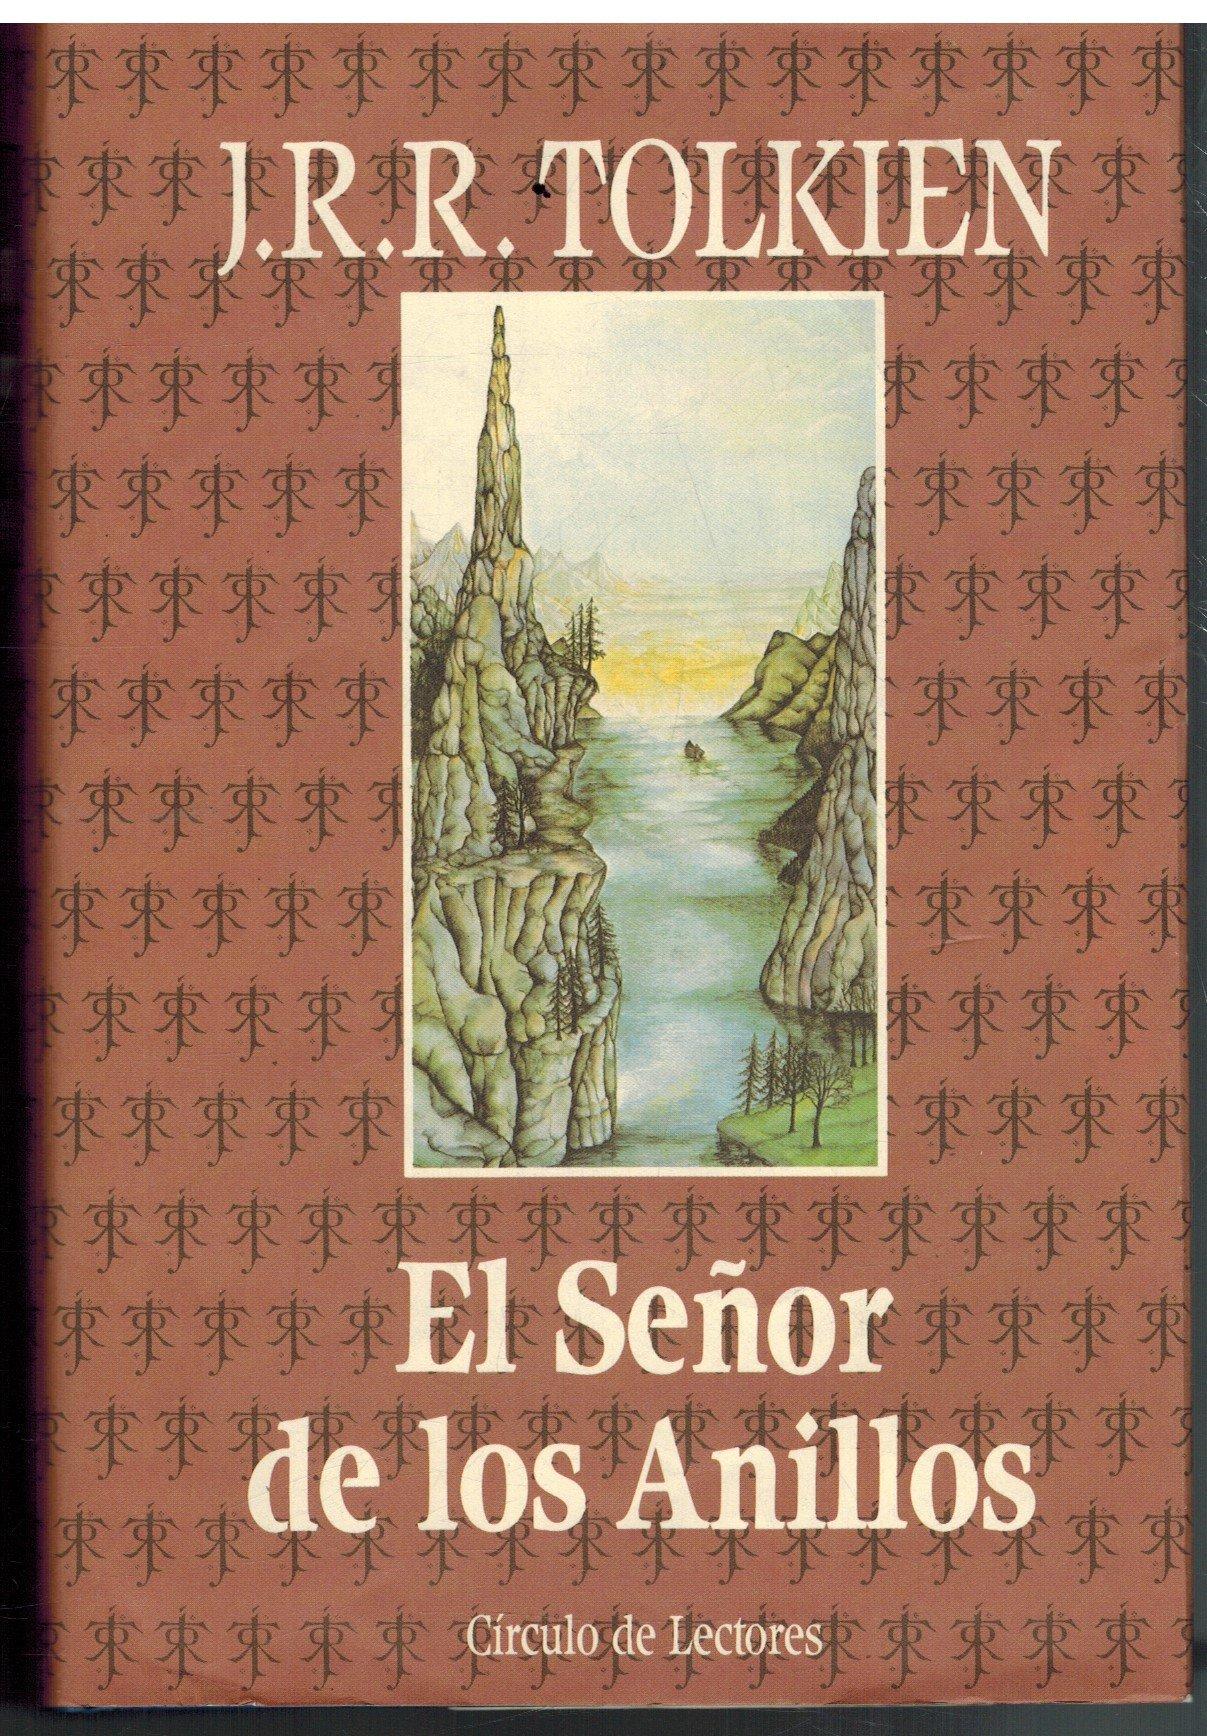 El señor de los anillos: Amazon.es: J.R. TOLKIEN: Libros